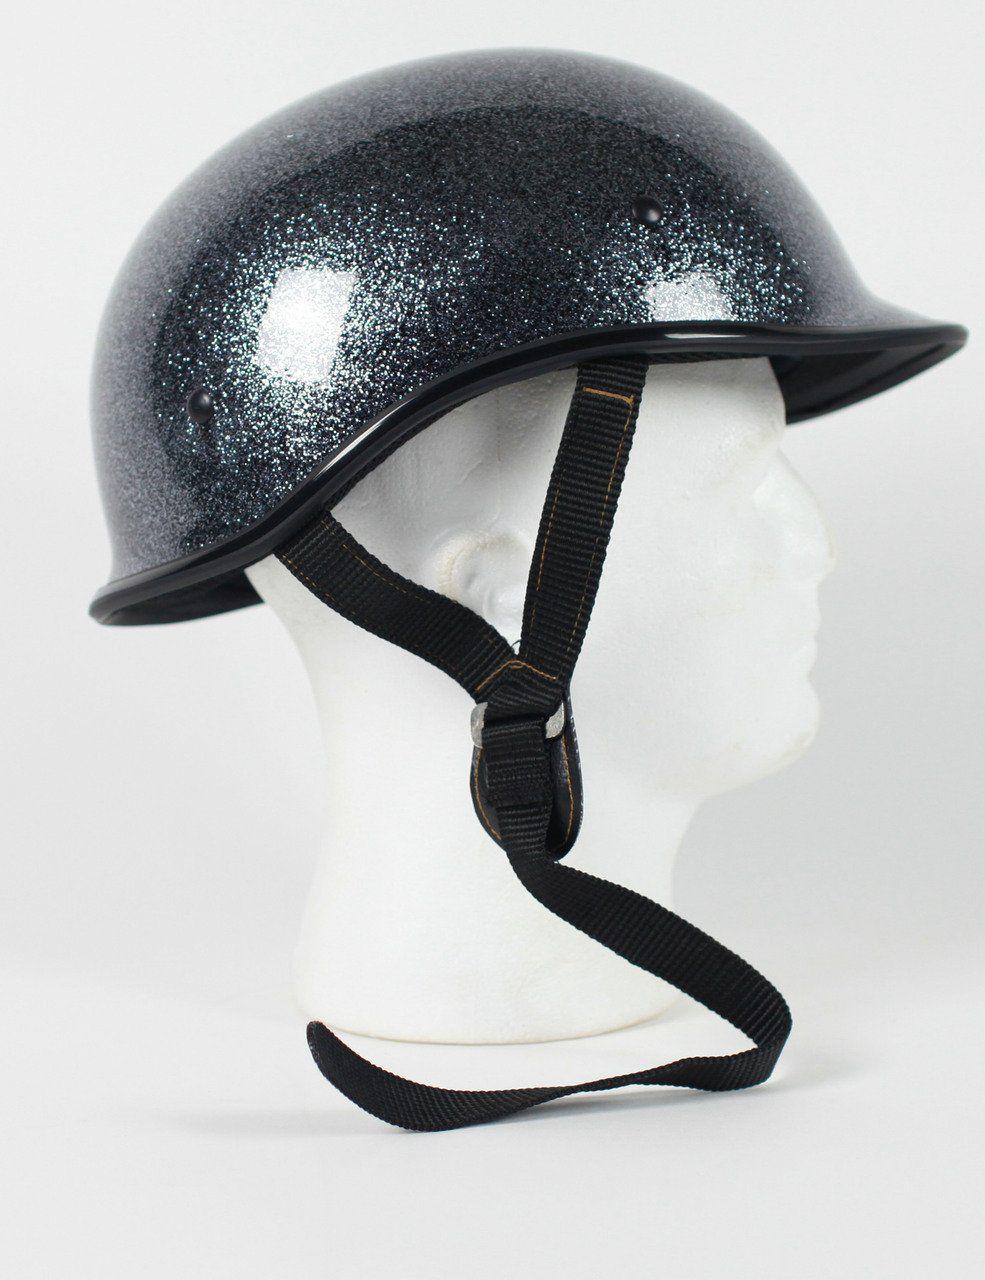 Dot atv dirt bike mx kids black spider motorcycle helmet motocross